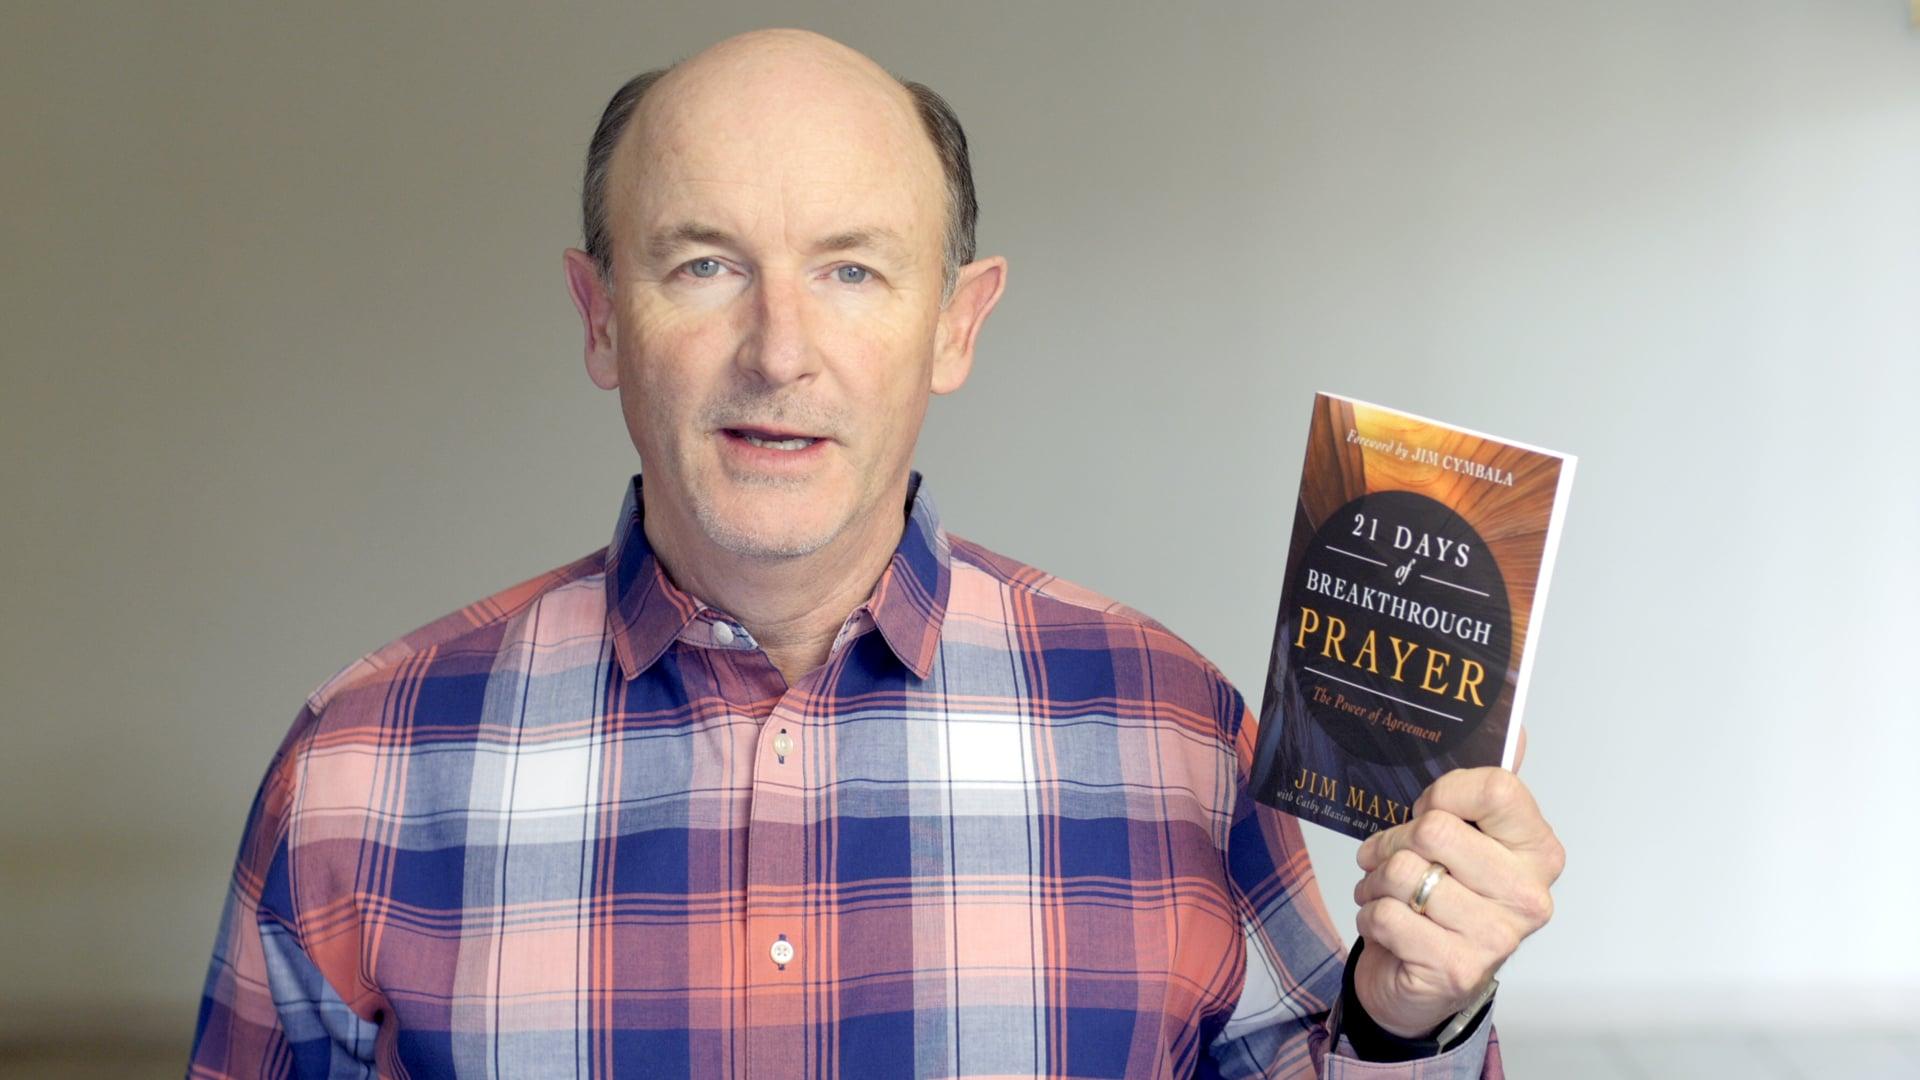 Daniel Henderson on 21 Days of Breakthrough Prayer